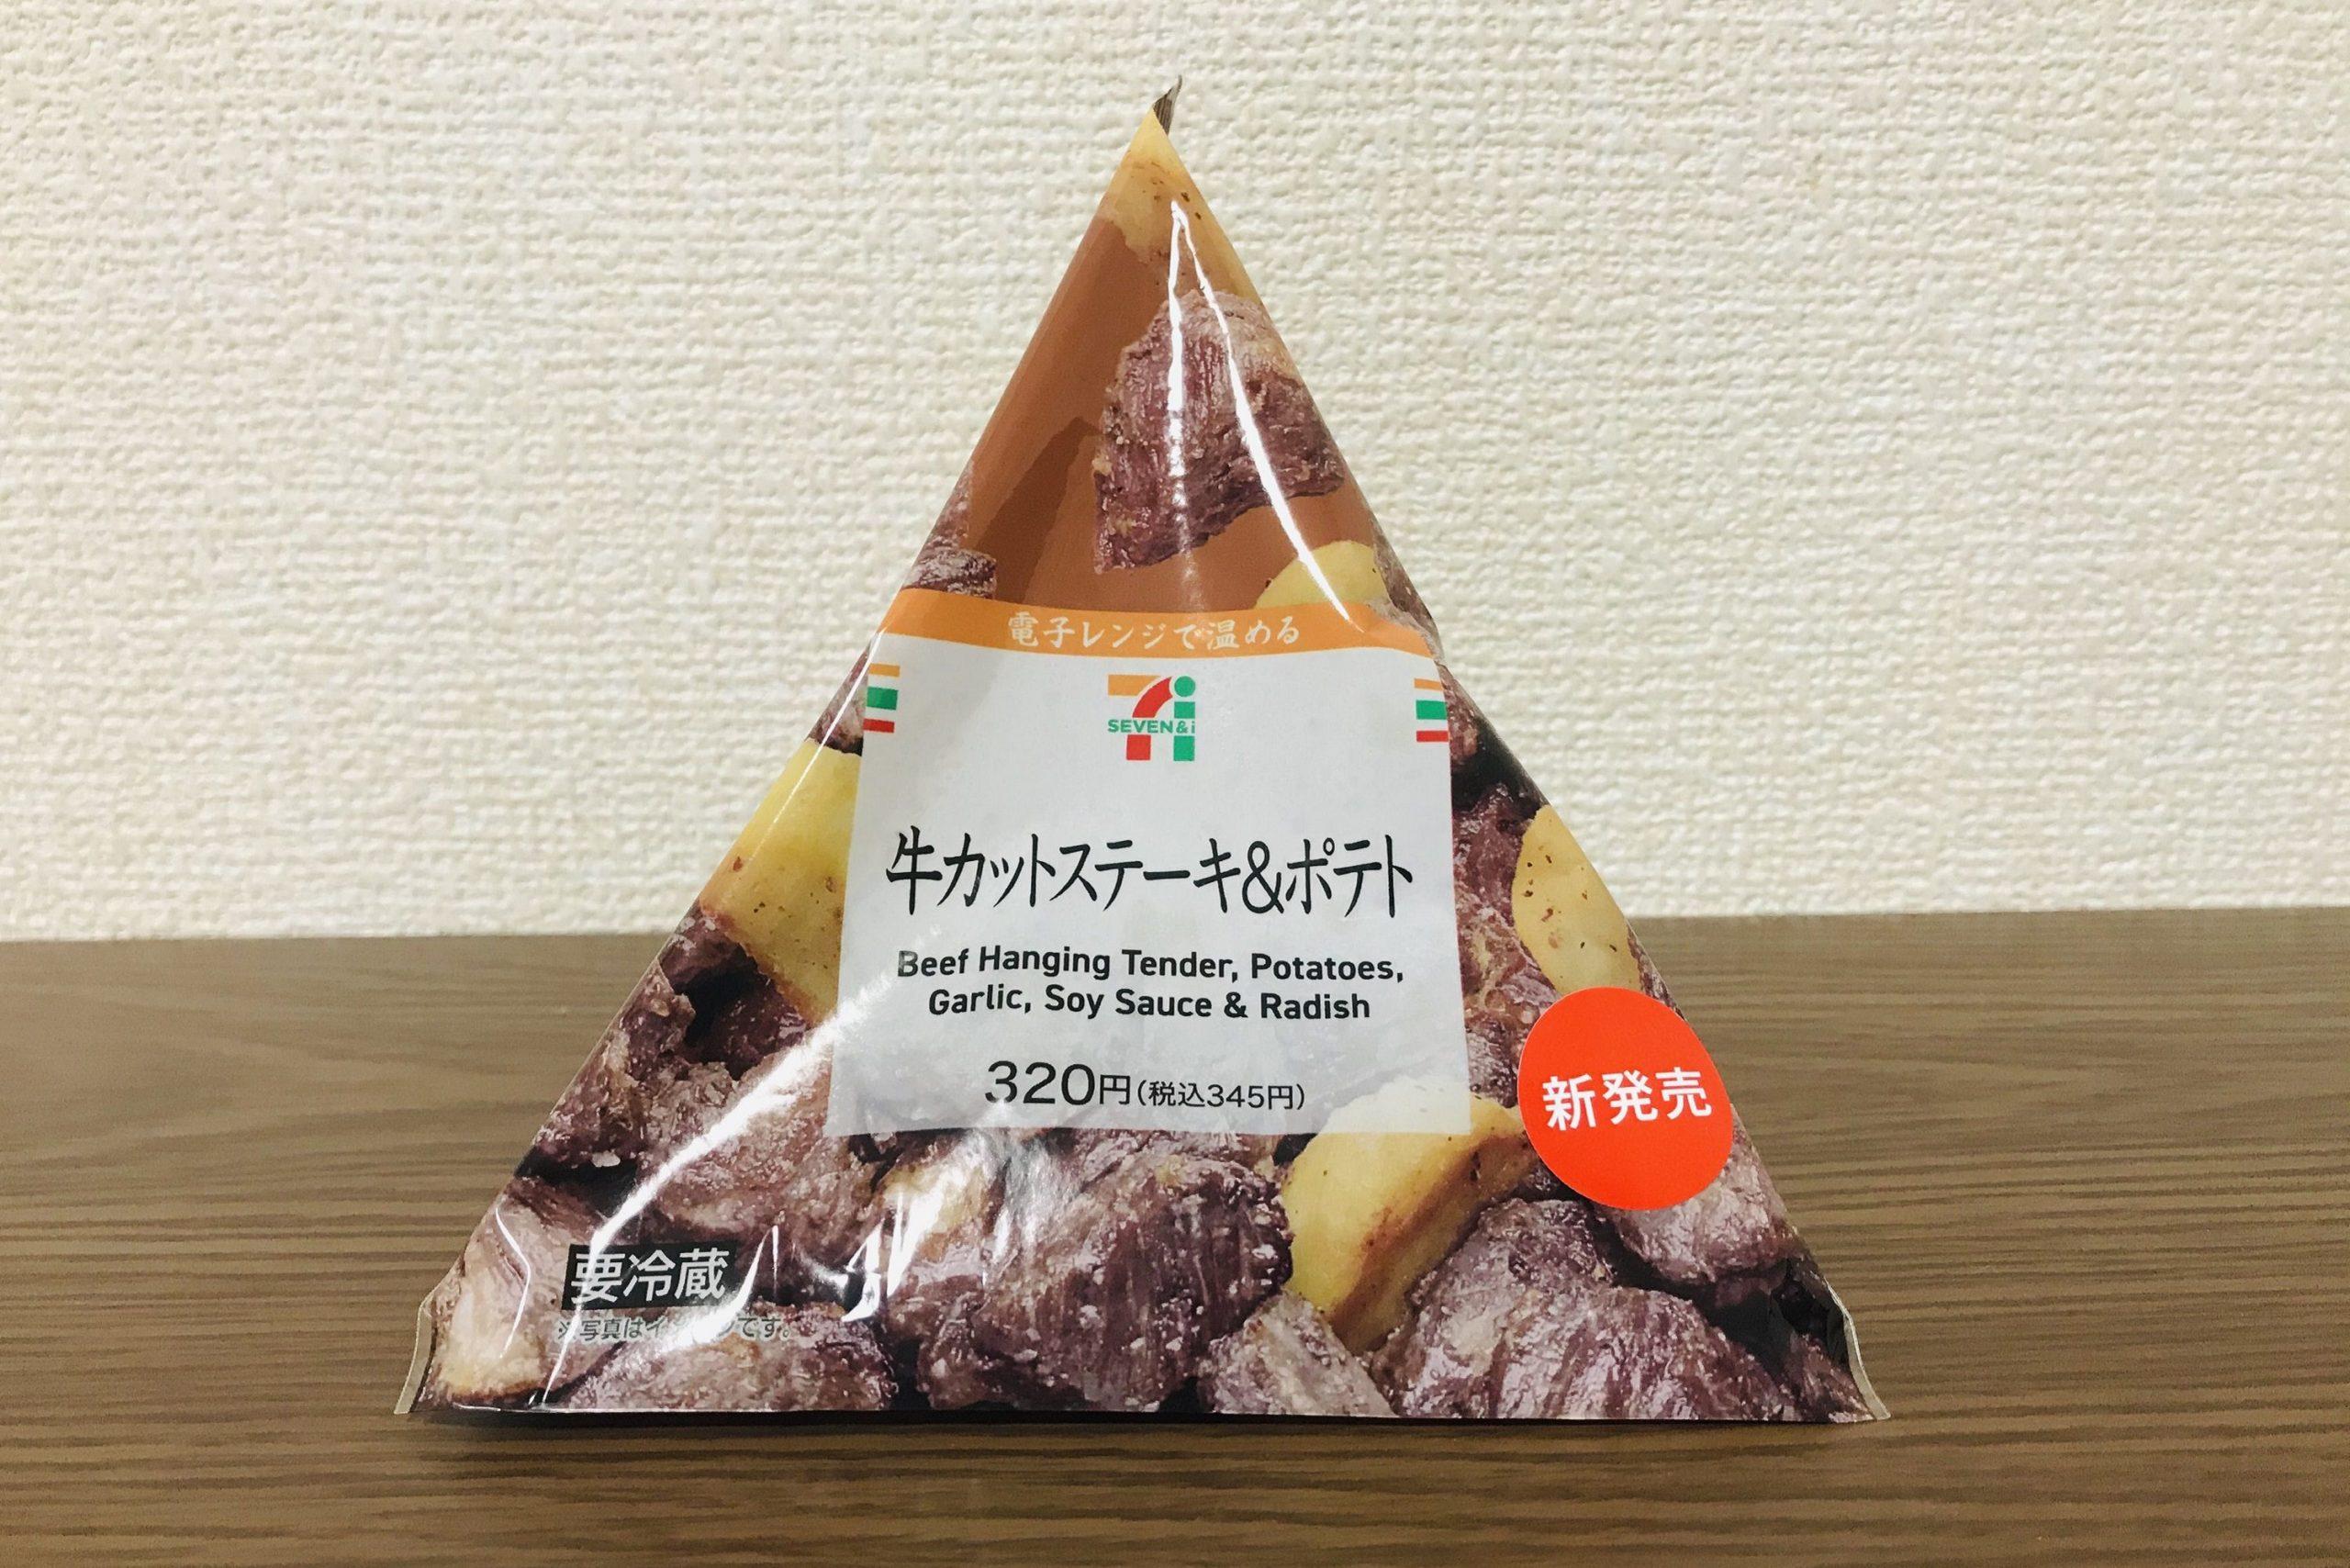 セブンイレブン「牛カットステーキ&ポテト」